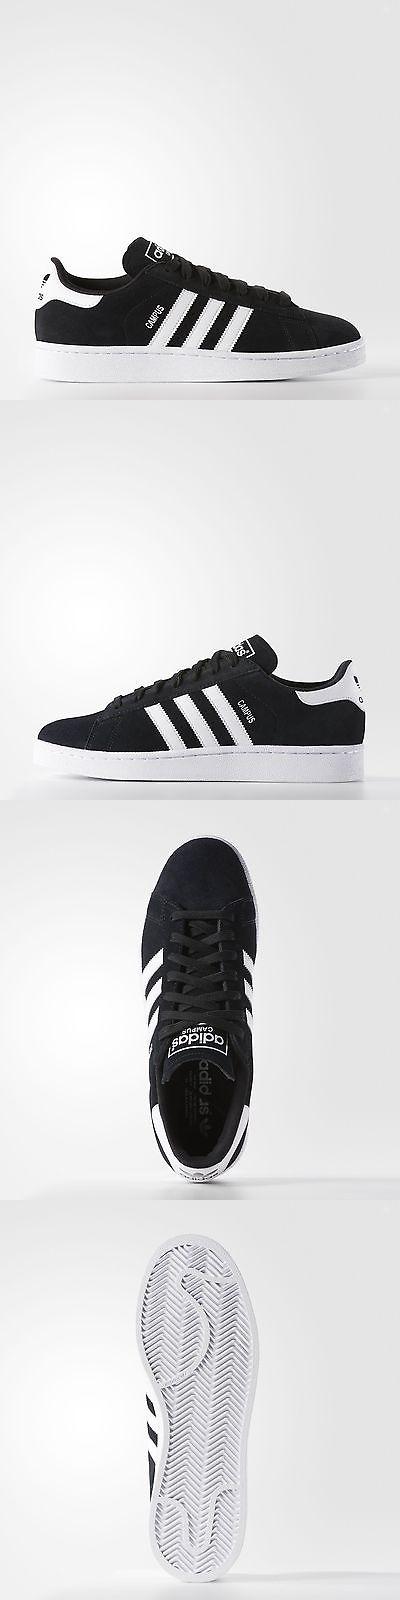 El Athletic 15709: Adidas Campus zapatos hombres s negro > Comprar Ahora solo